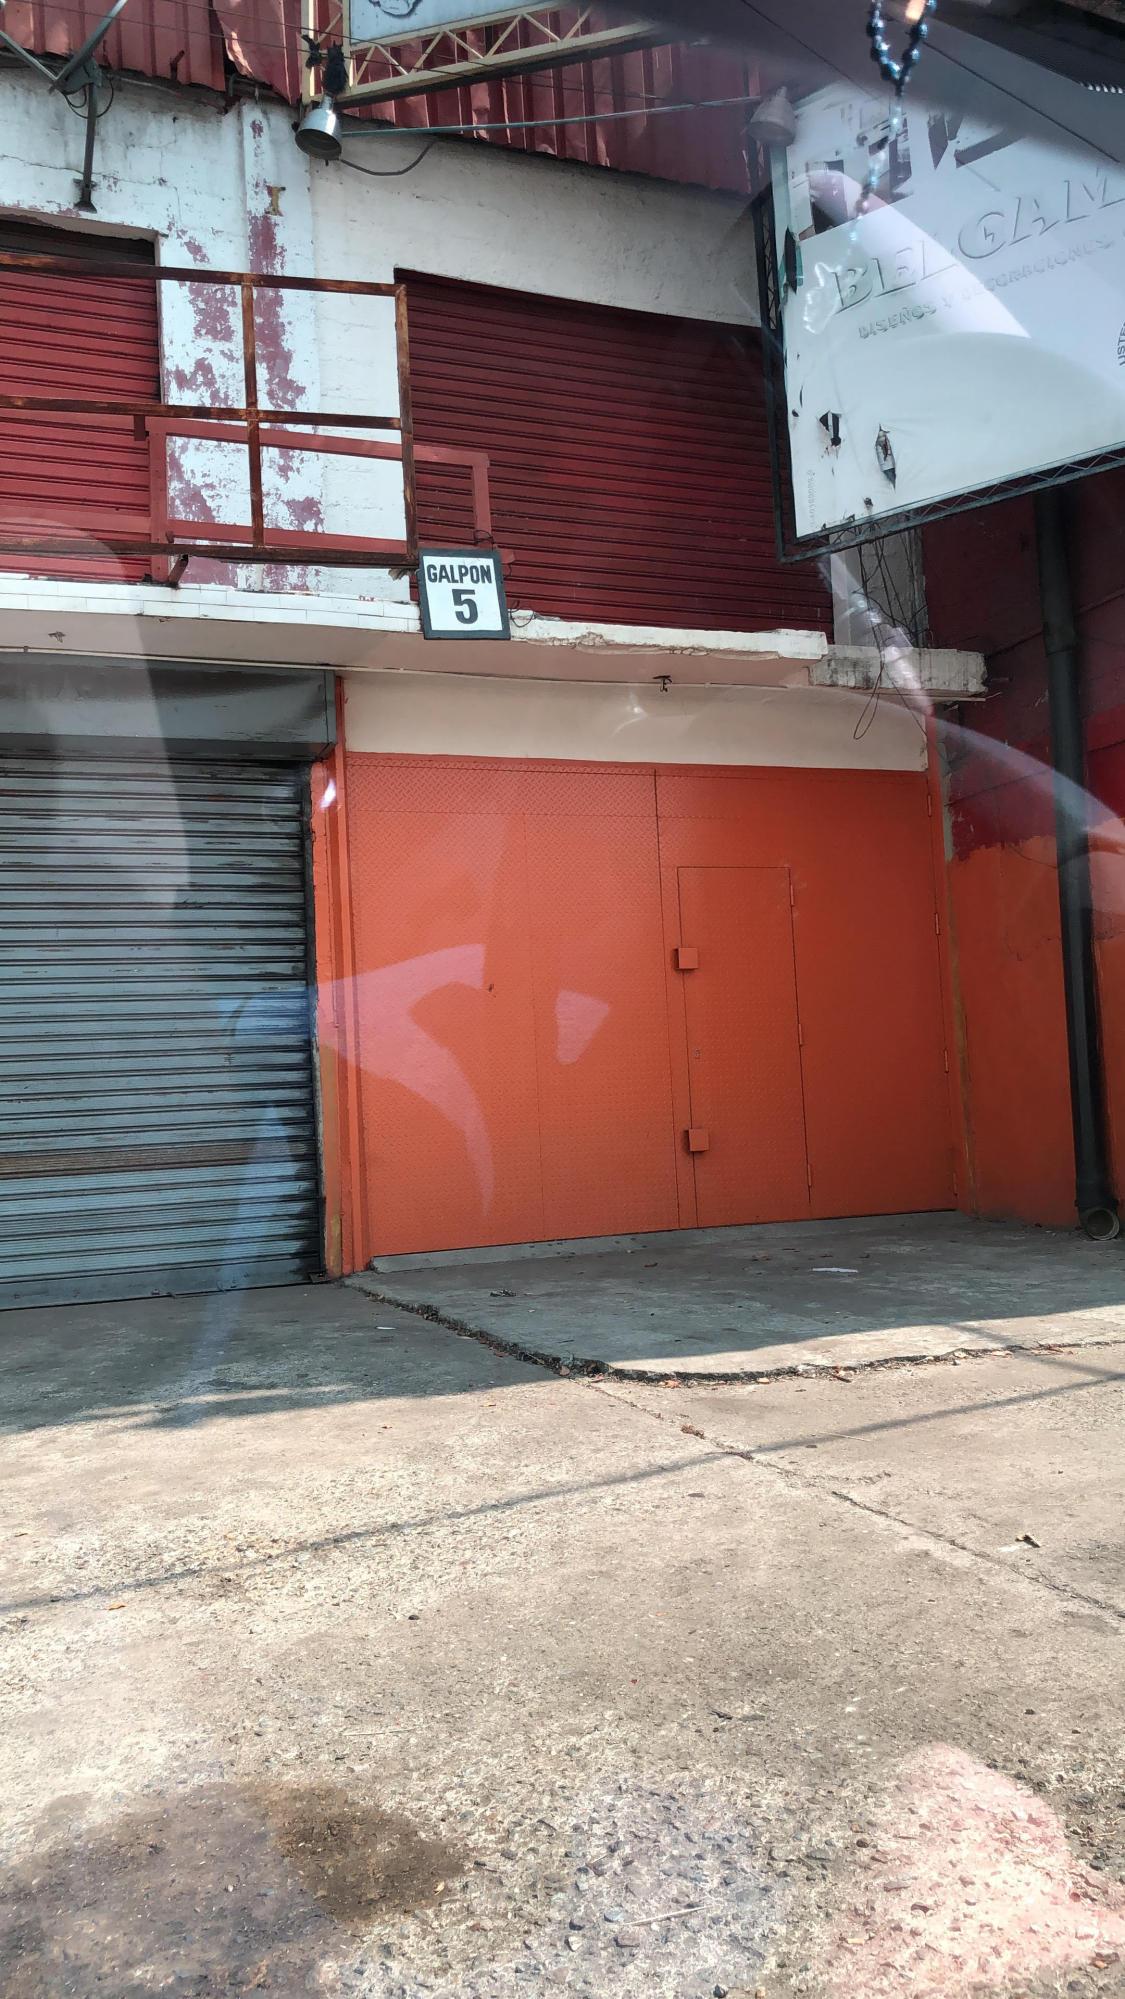 Galpon - Deposito Distrito Metropolitano>Caracas>La Yaguara - Alquiler:500 Precio Referencial - codigo: 19-9625